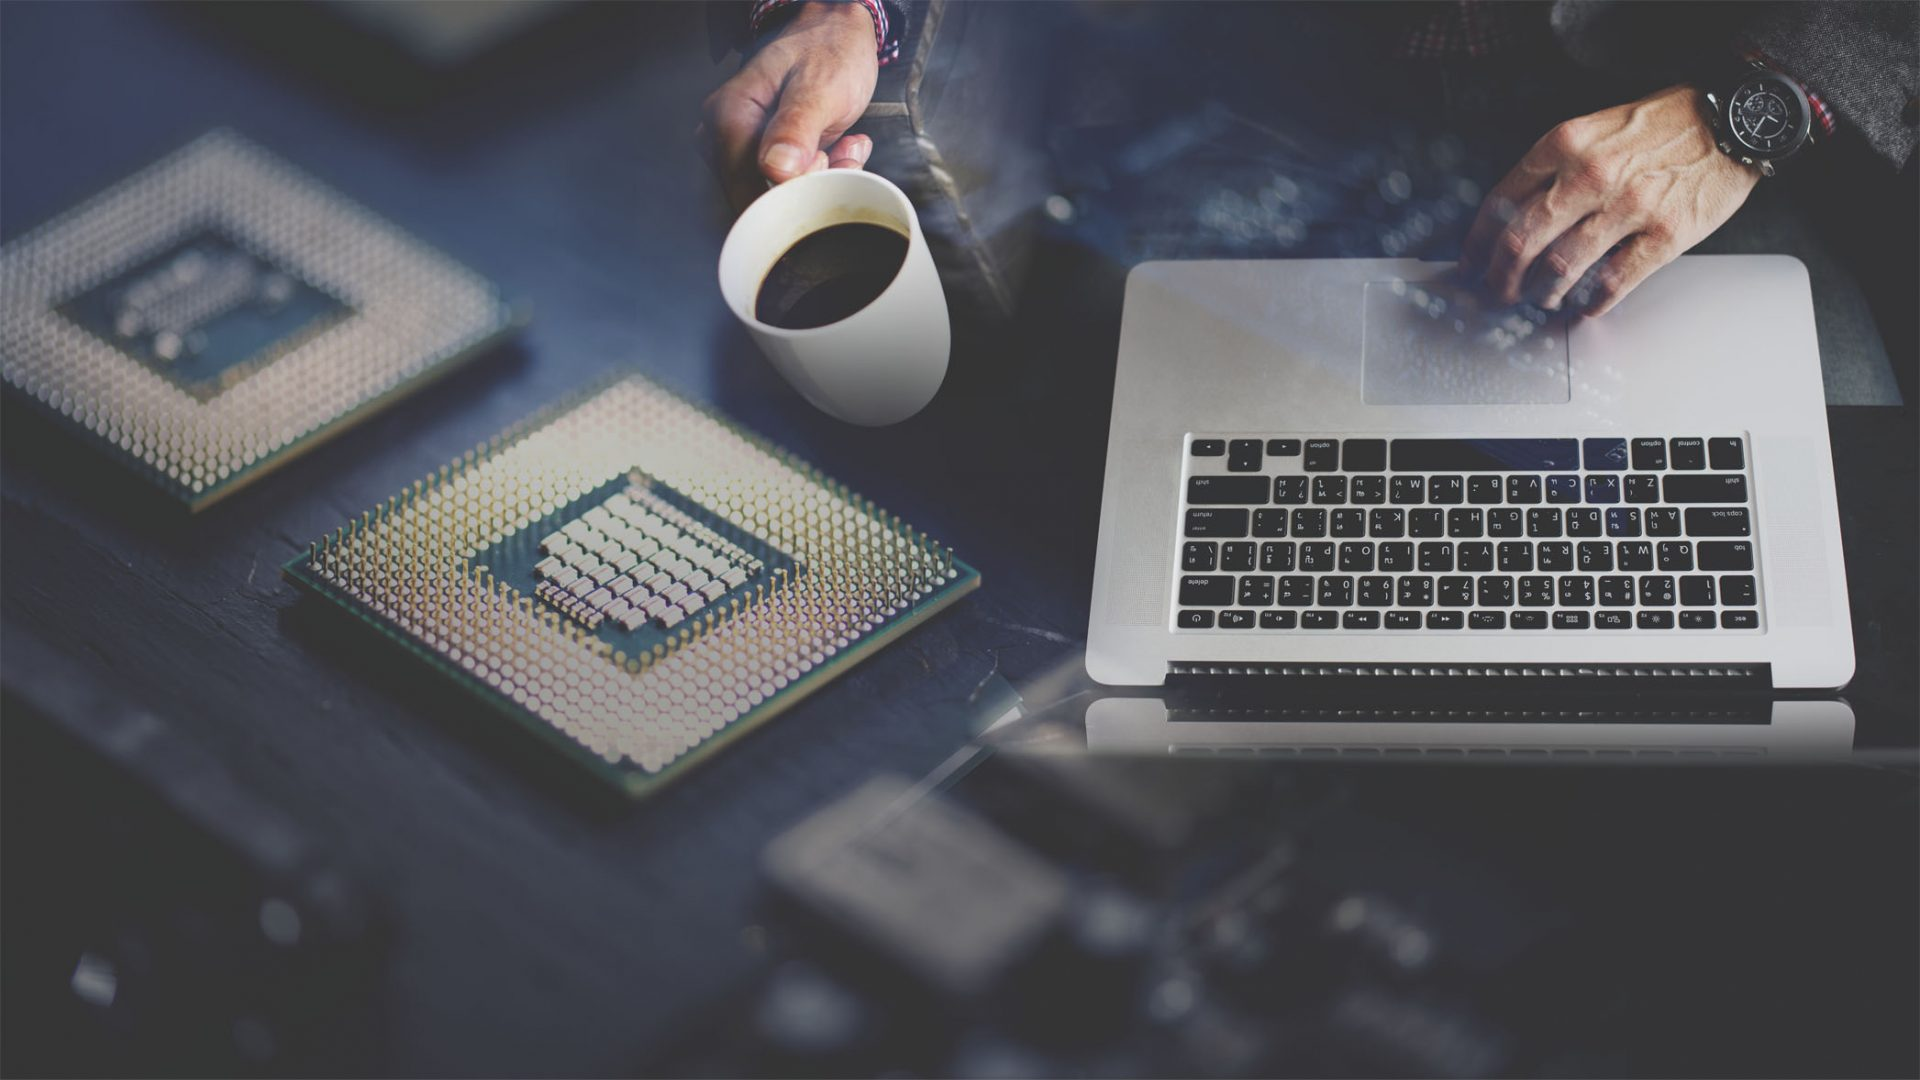 Computer programmer using a laptop